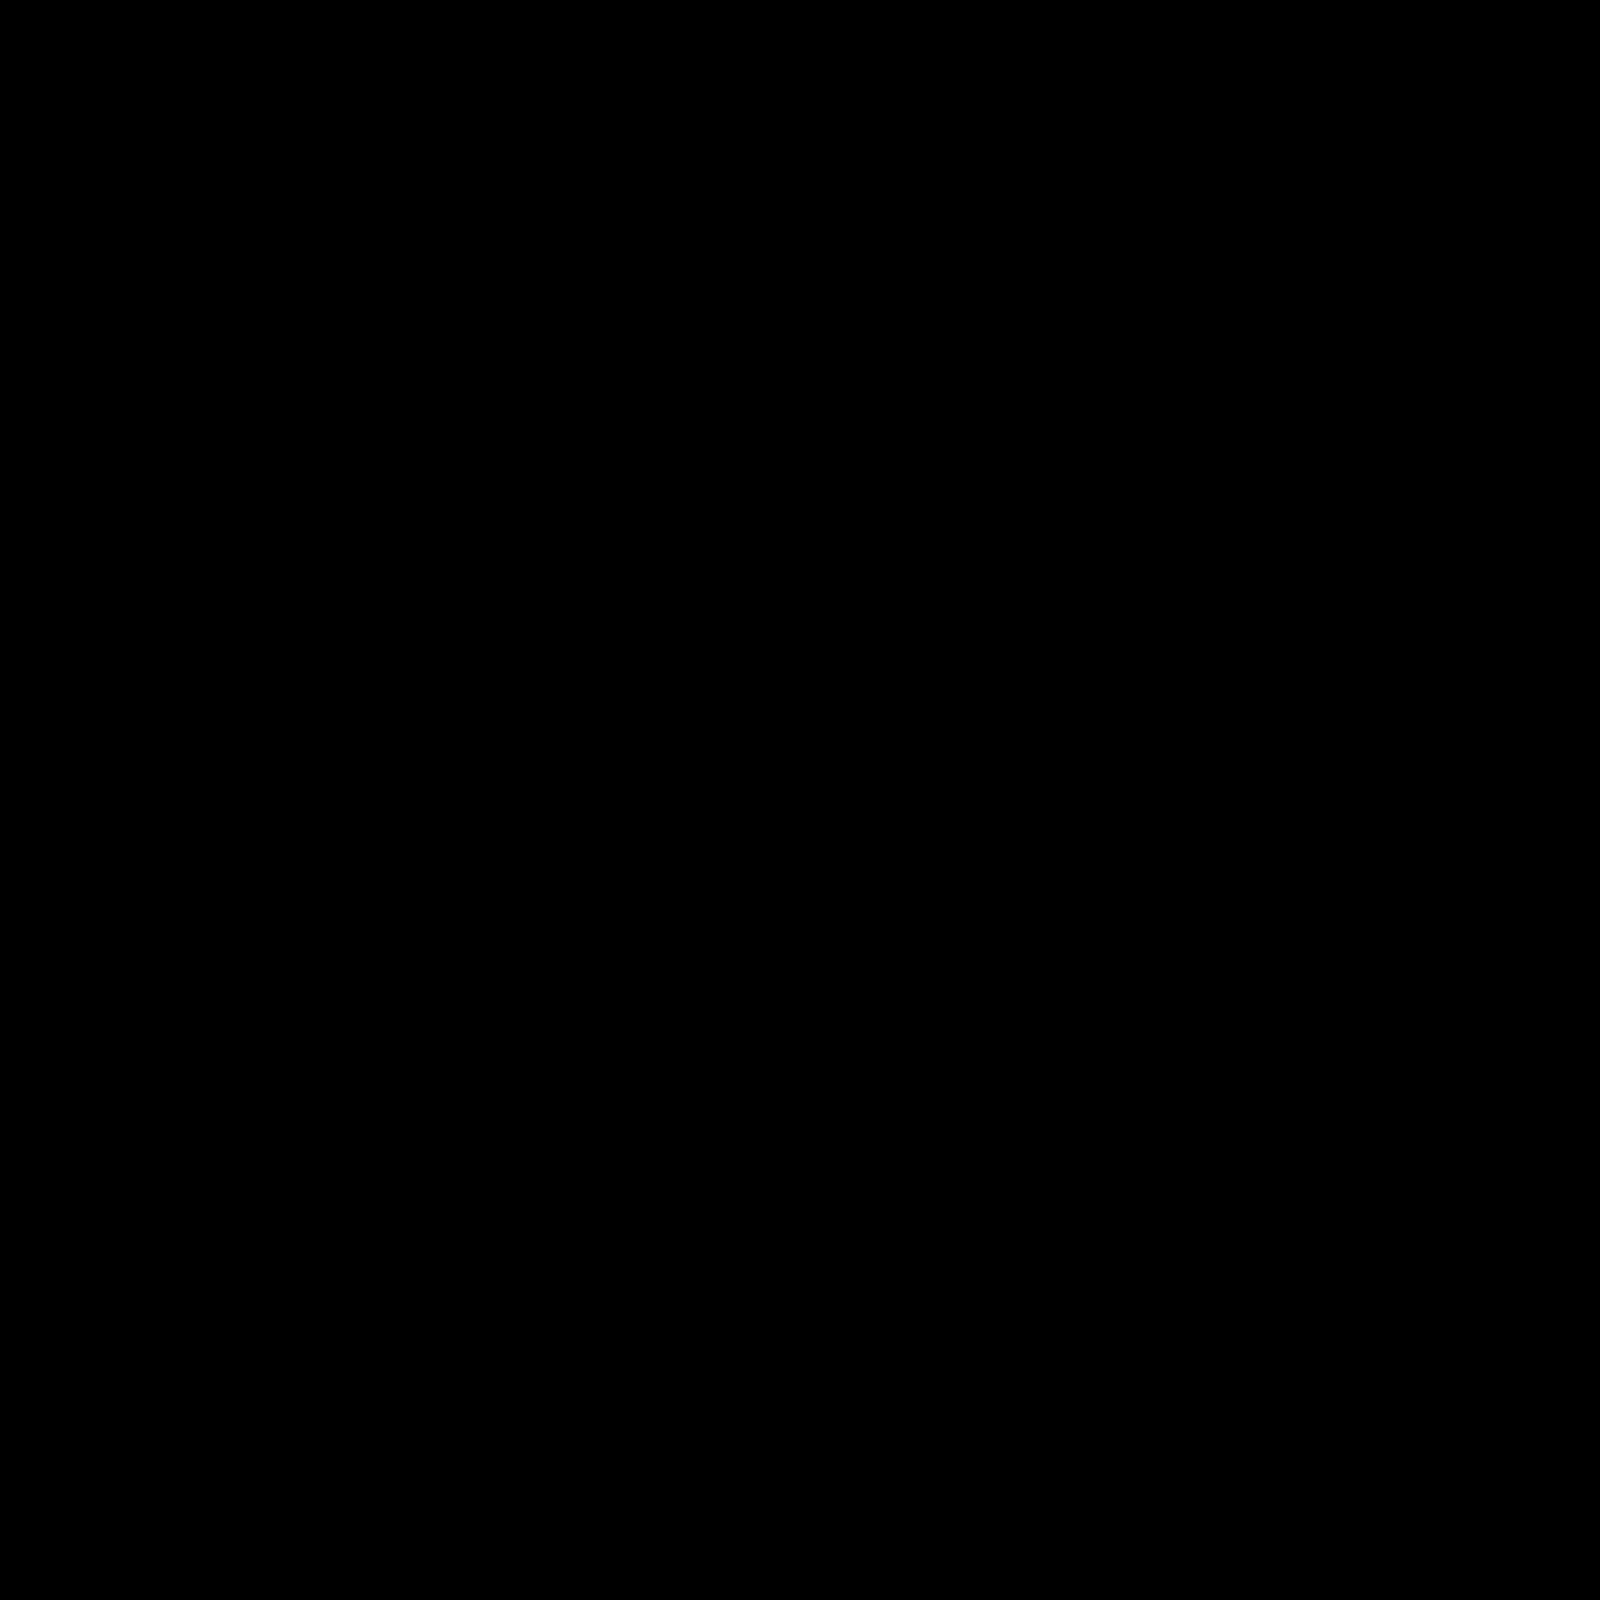 工业秤连接 icon. This appears to be a trapezoid on top of a rectangle. The right side of the rectangle is covered by a circle with a V in the center of it. There are two long lines connecting the top of the trapezoid to a smaller rectangle that has a small square in its bottom right corner.